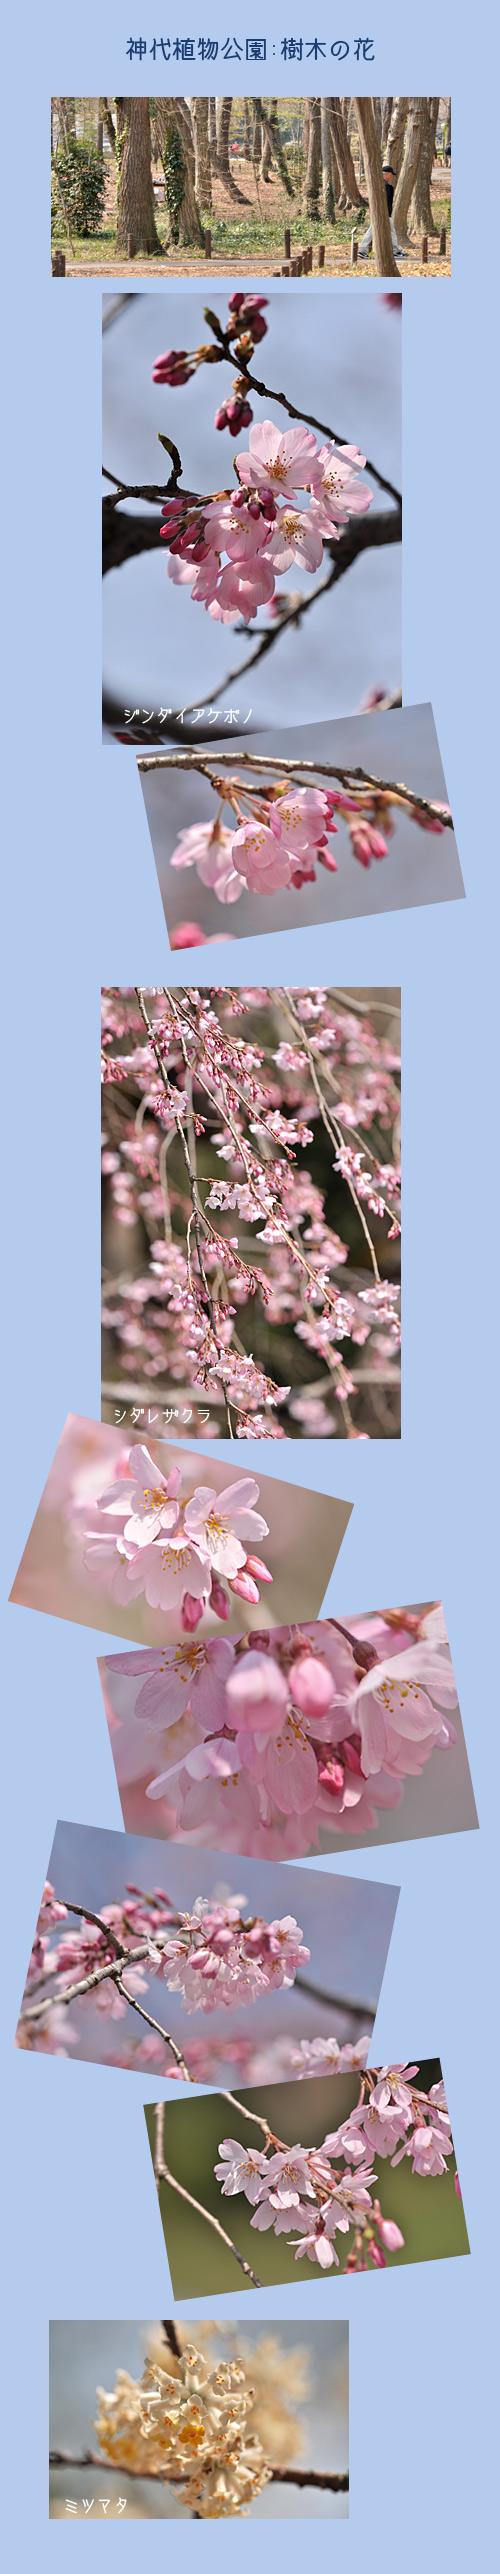 3月22日神代植物園1